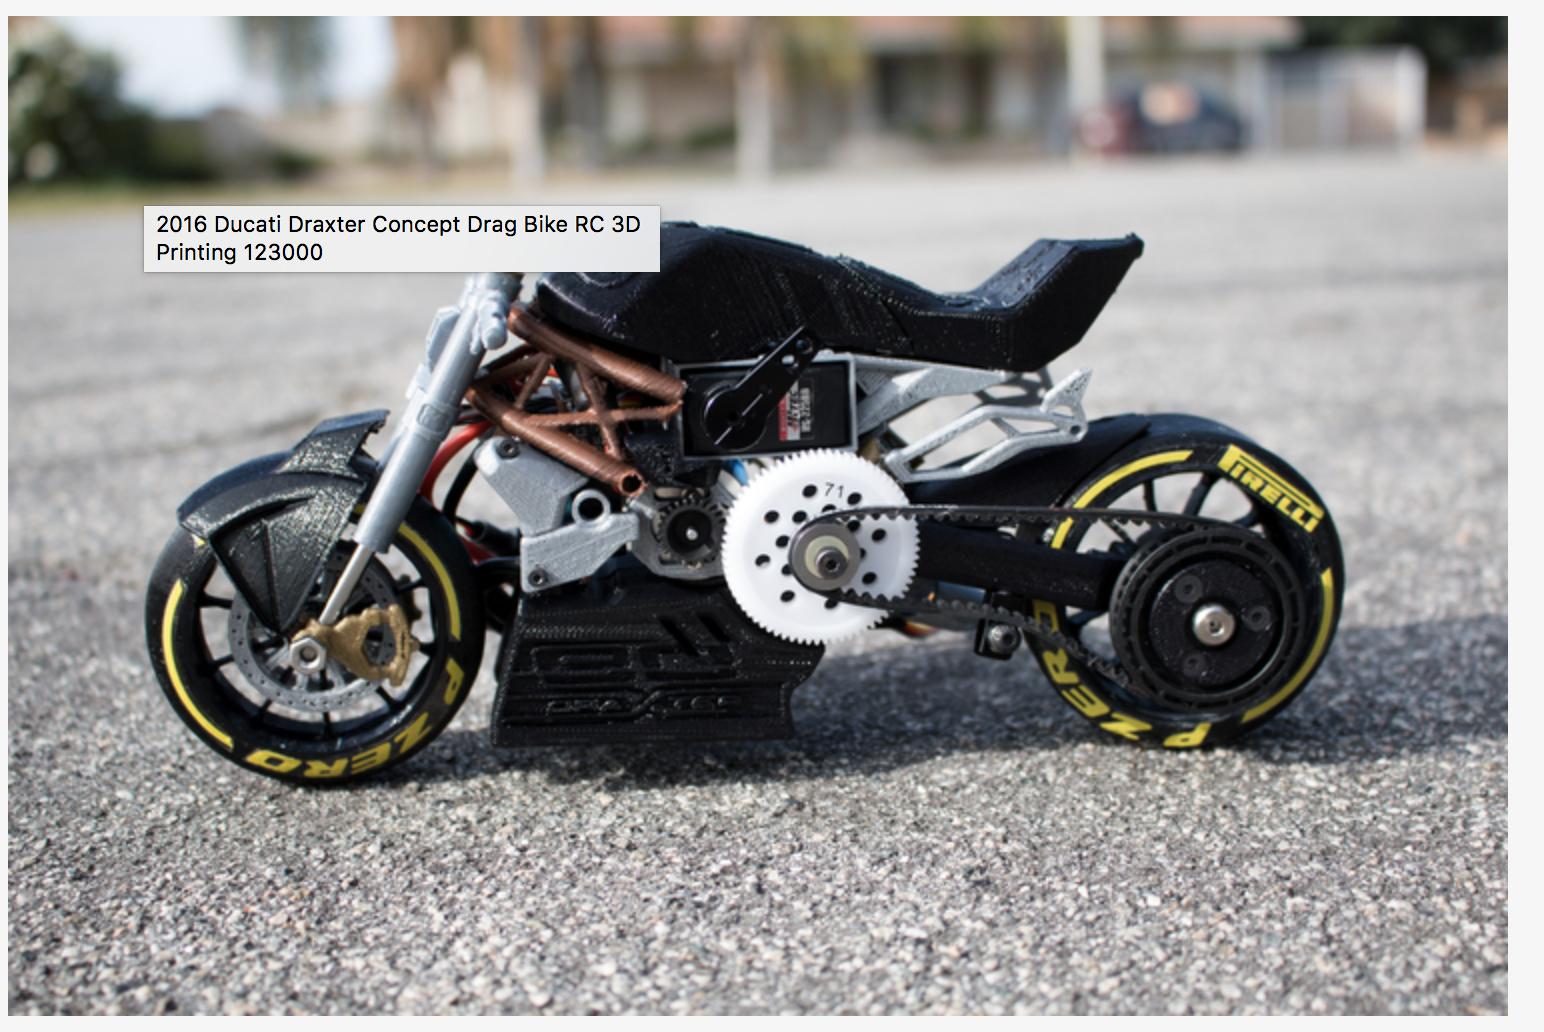 Screen Shot 2017-02-10 at 9.28.53 AM.png Télécharger fichier STL gratuit 2016 Ducati Draxter Concept Drag Bike RC • Design à imprimer en 3D, brett